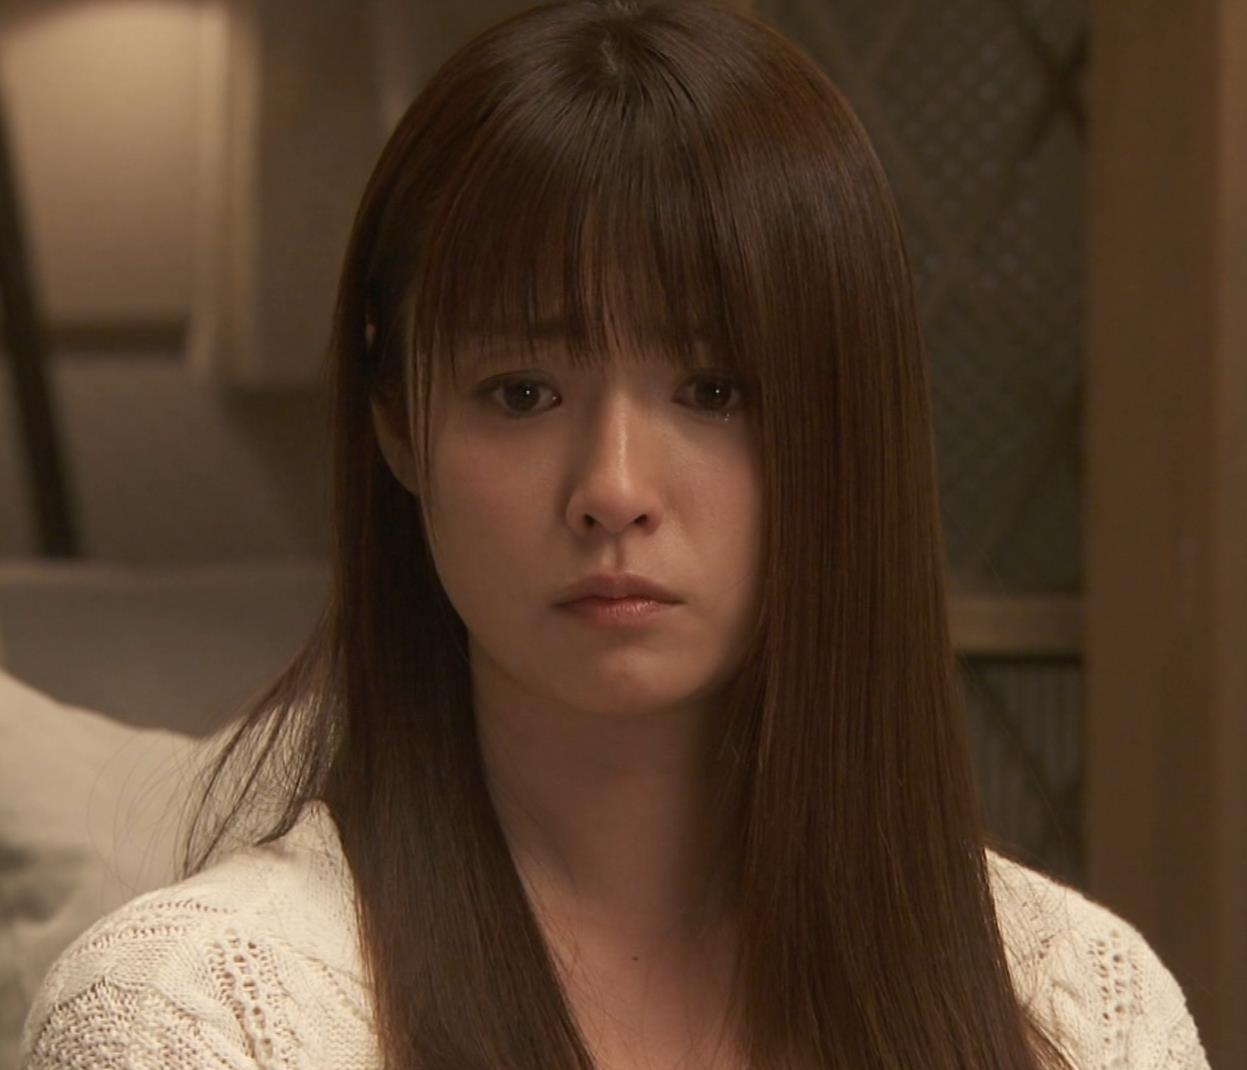 深田恭子 入浴で裸にバスタオル巻いだけキャプ・エロ画像17